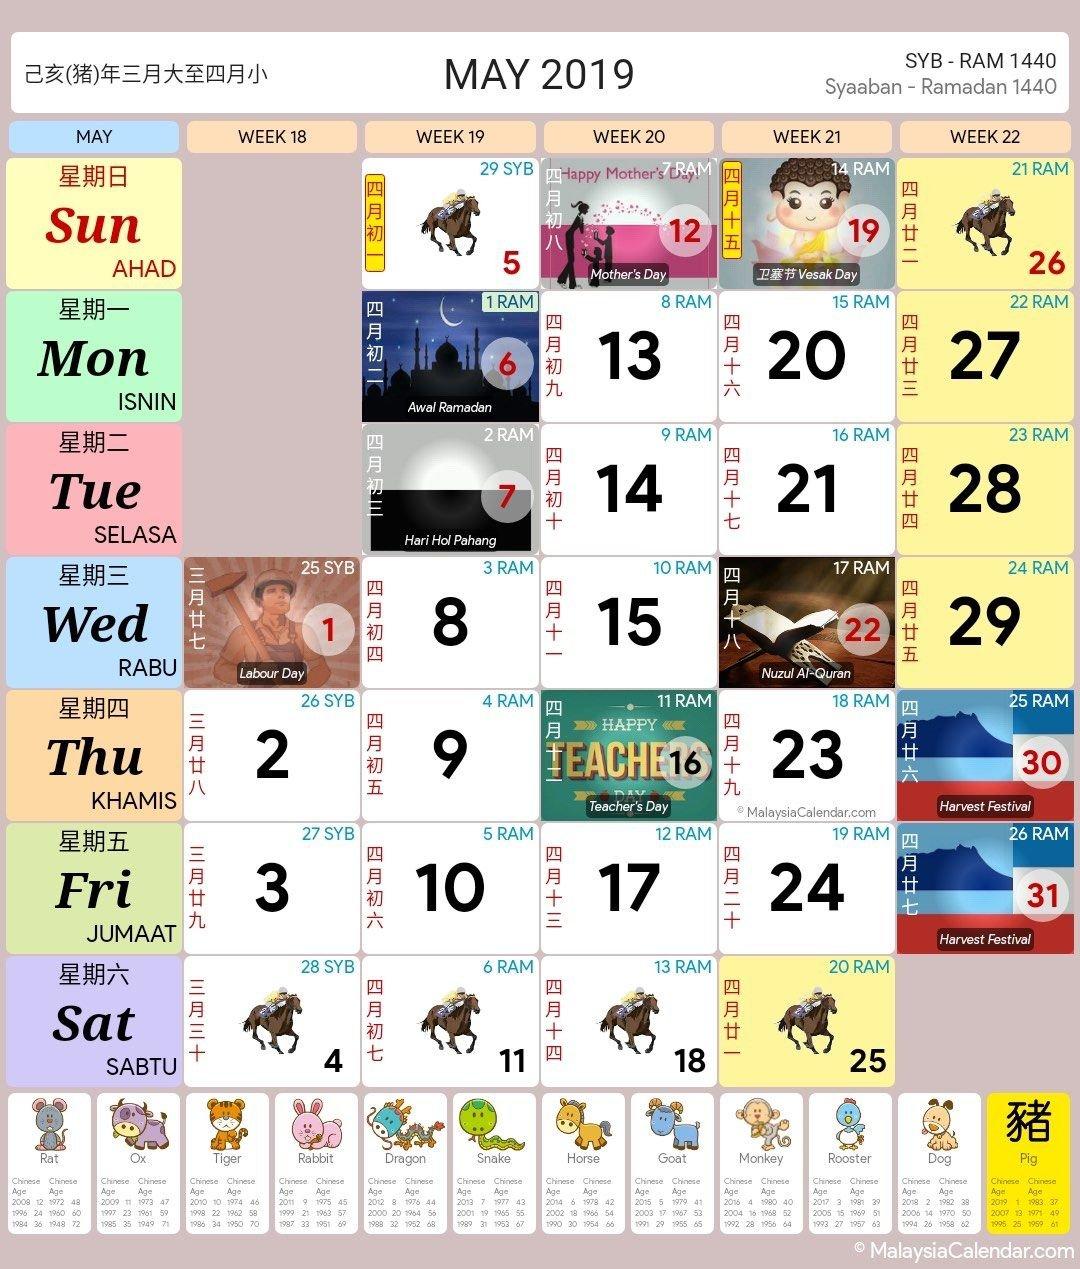 May 2019 Calendar Malaysia | 200+ May 2019 Calendar Template Calendar 2019 Malaysia